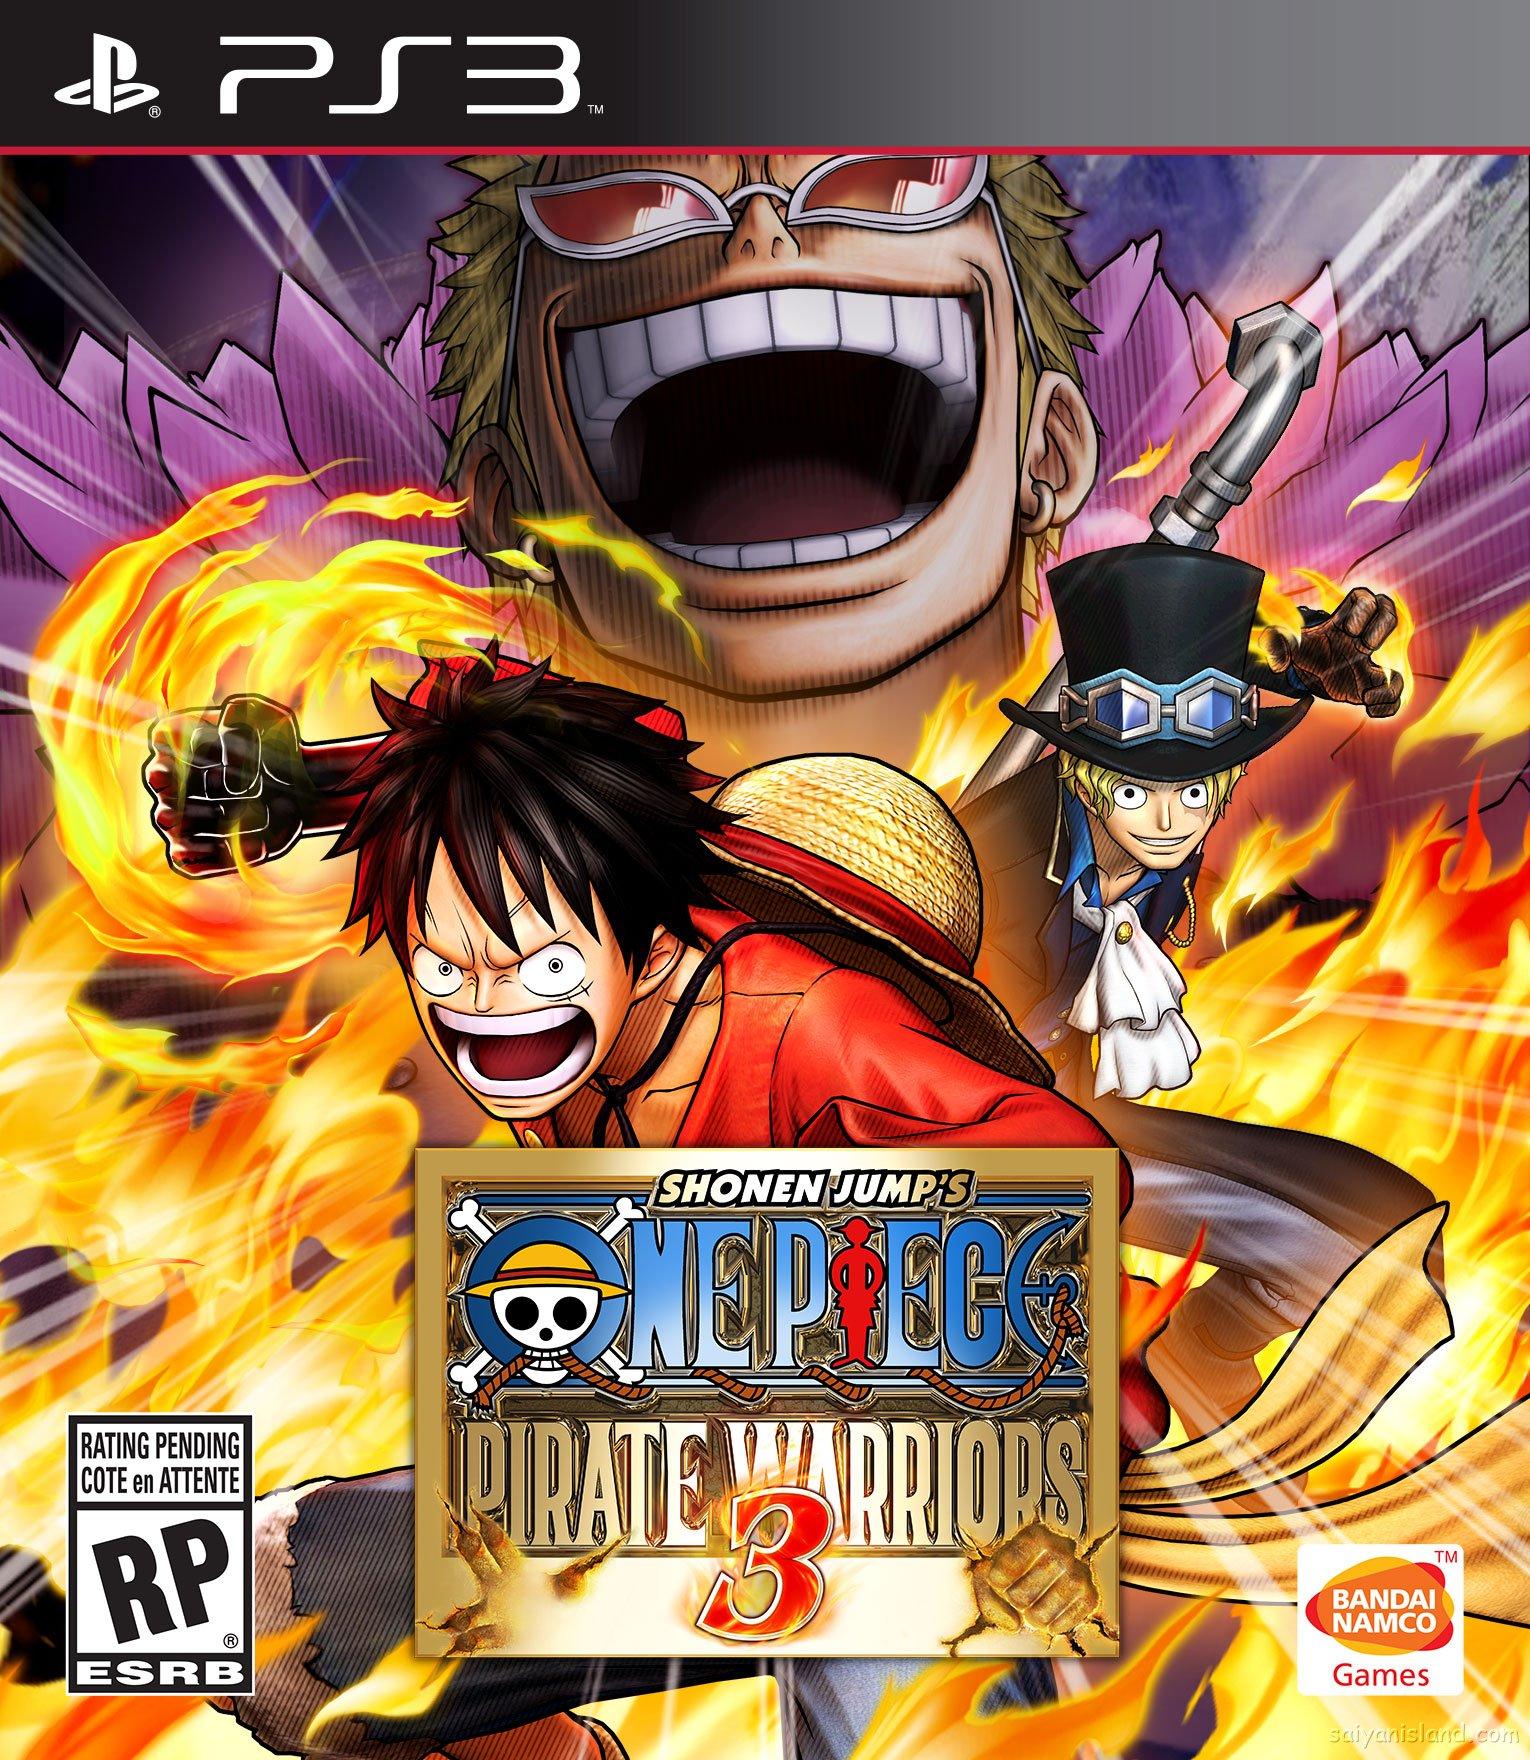 Kết quả hình ảnh cho One Piece Pirate Warriors 3 cover ps3